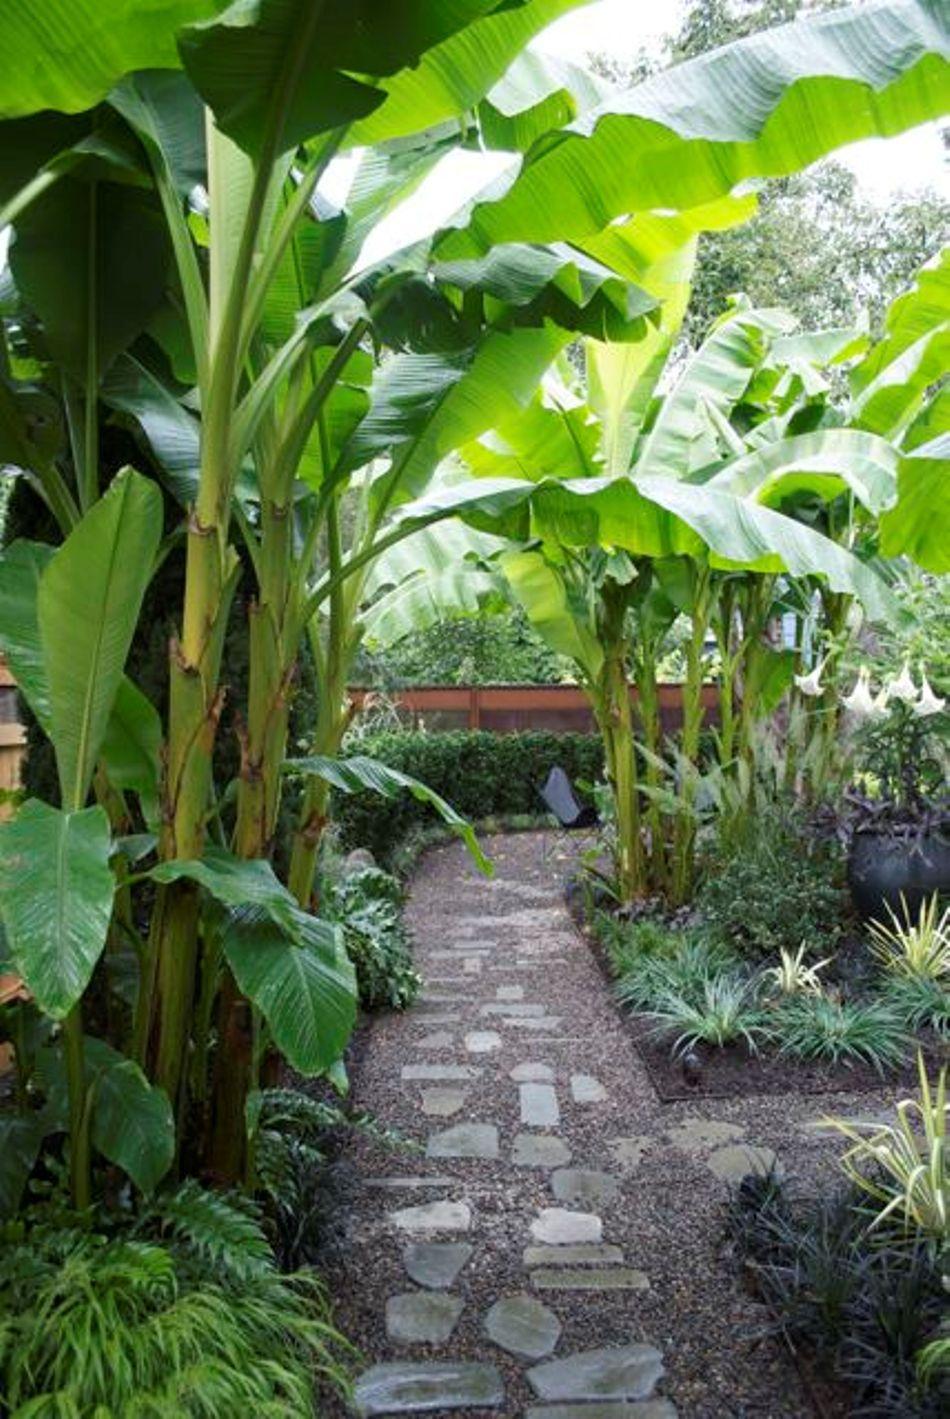 Garden With Pathway And Banana Trees Garden Banana